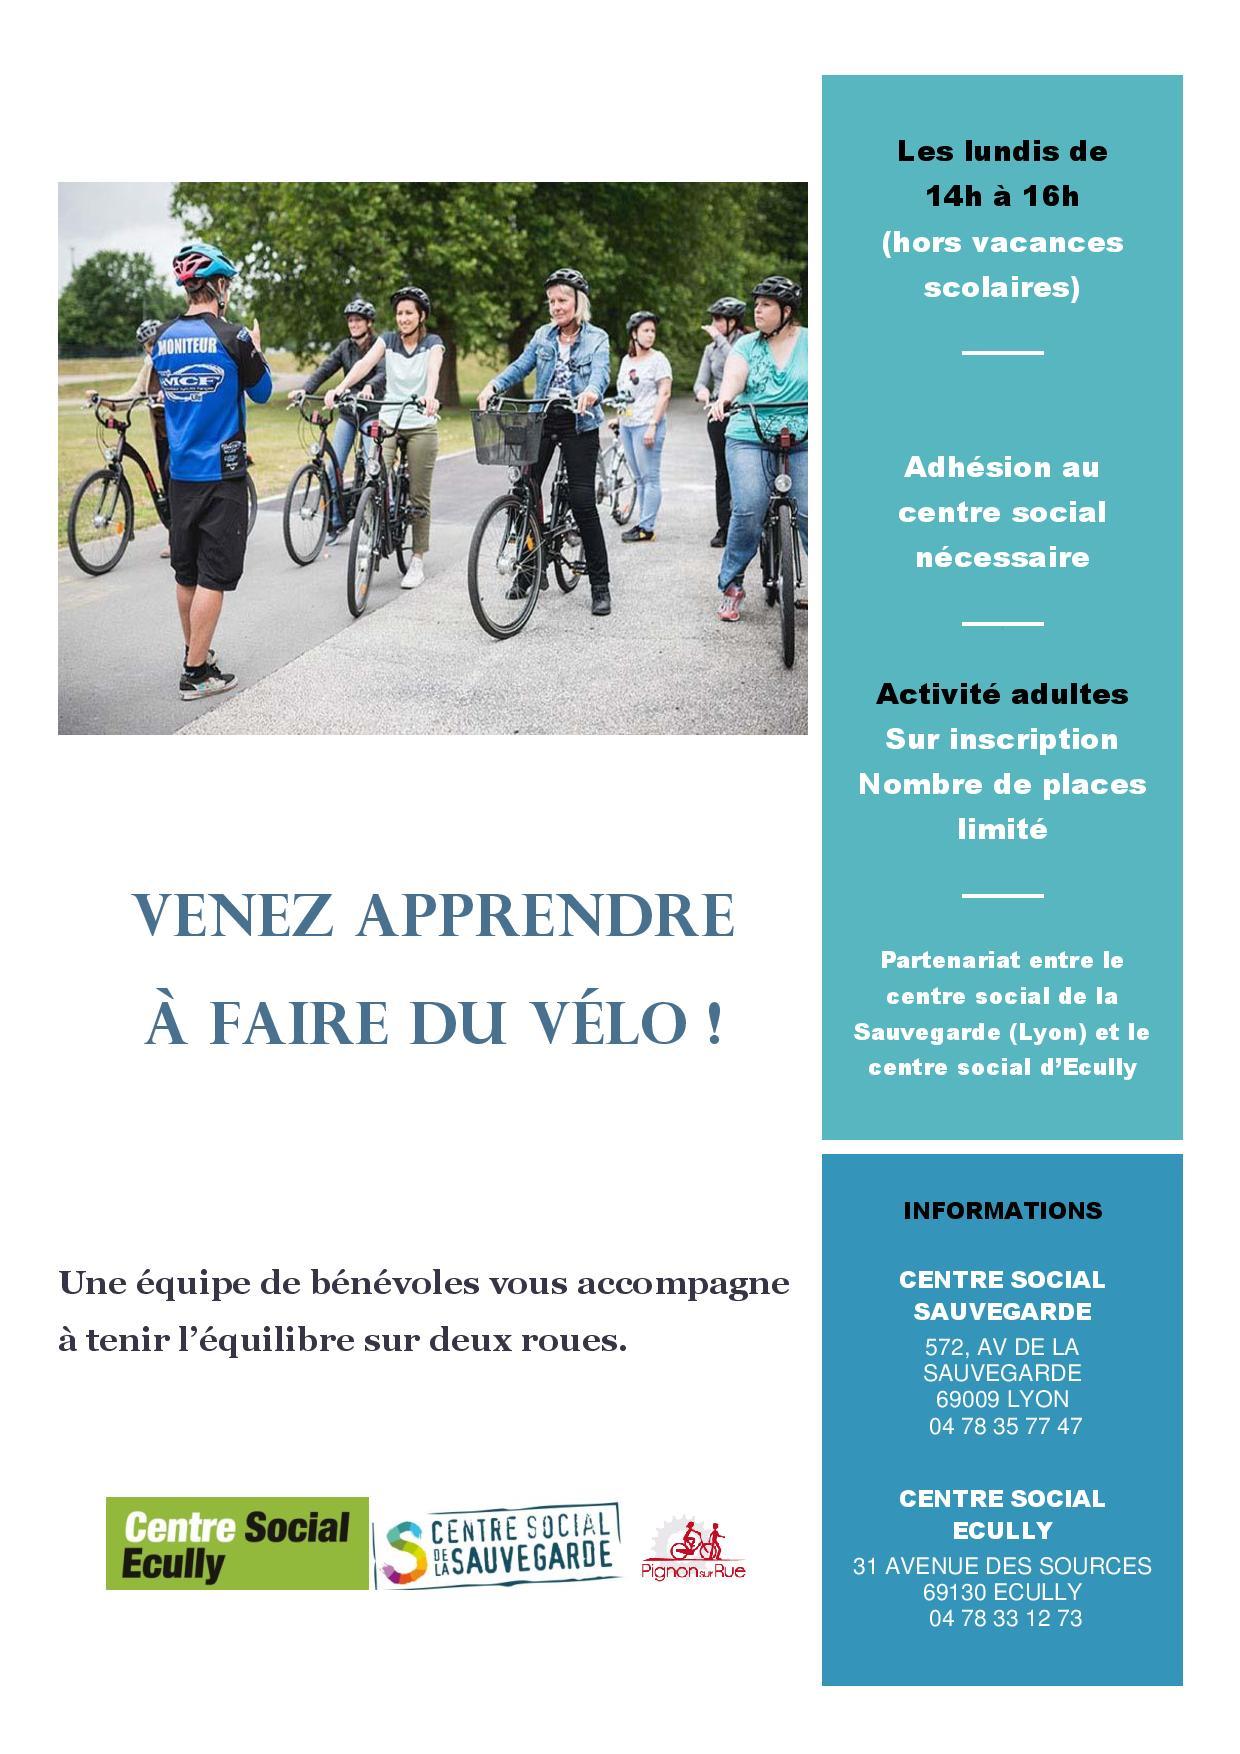 Vous rêvez d'apprendre à faire du vélo, un groupe de bénévoles vous accompagne